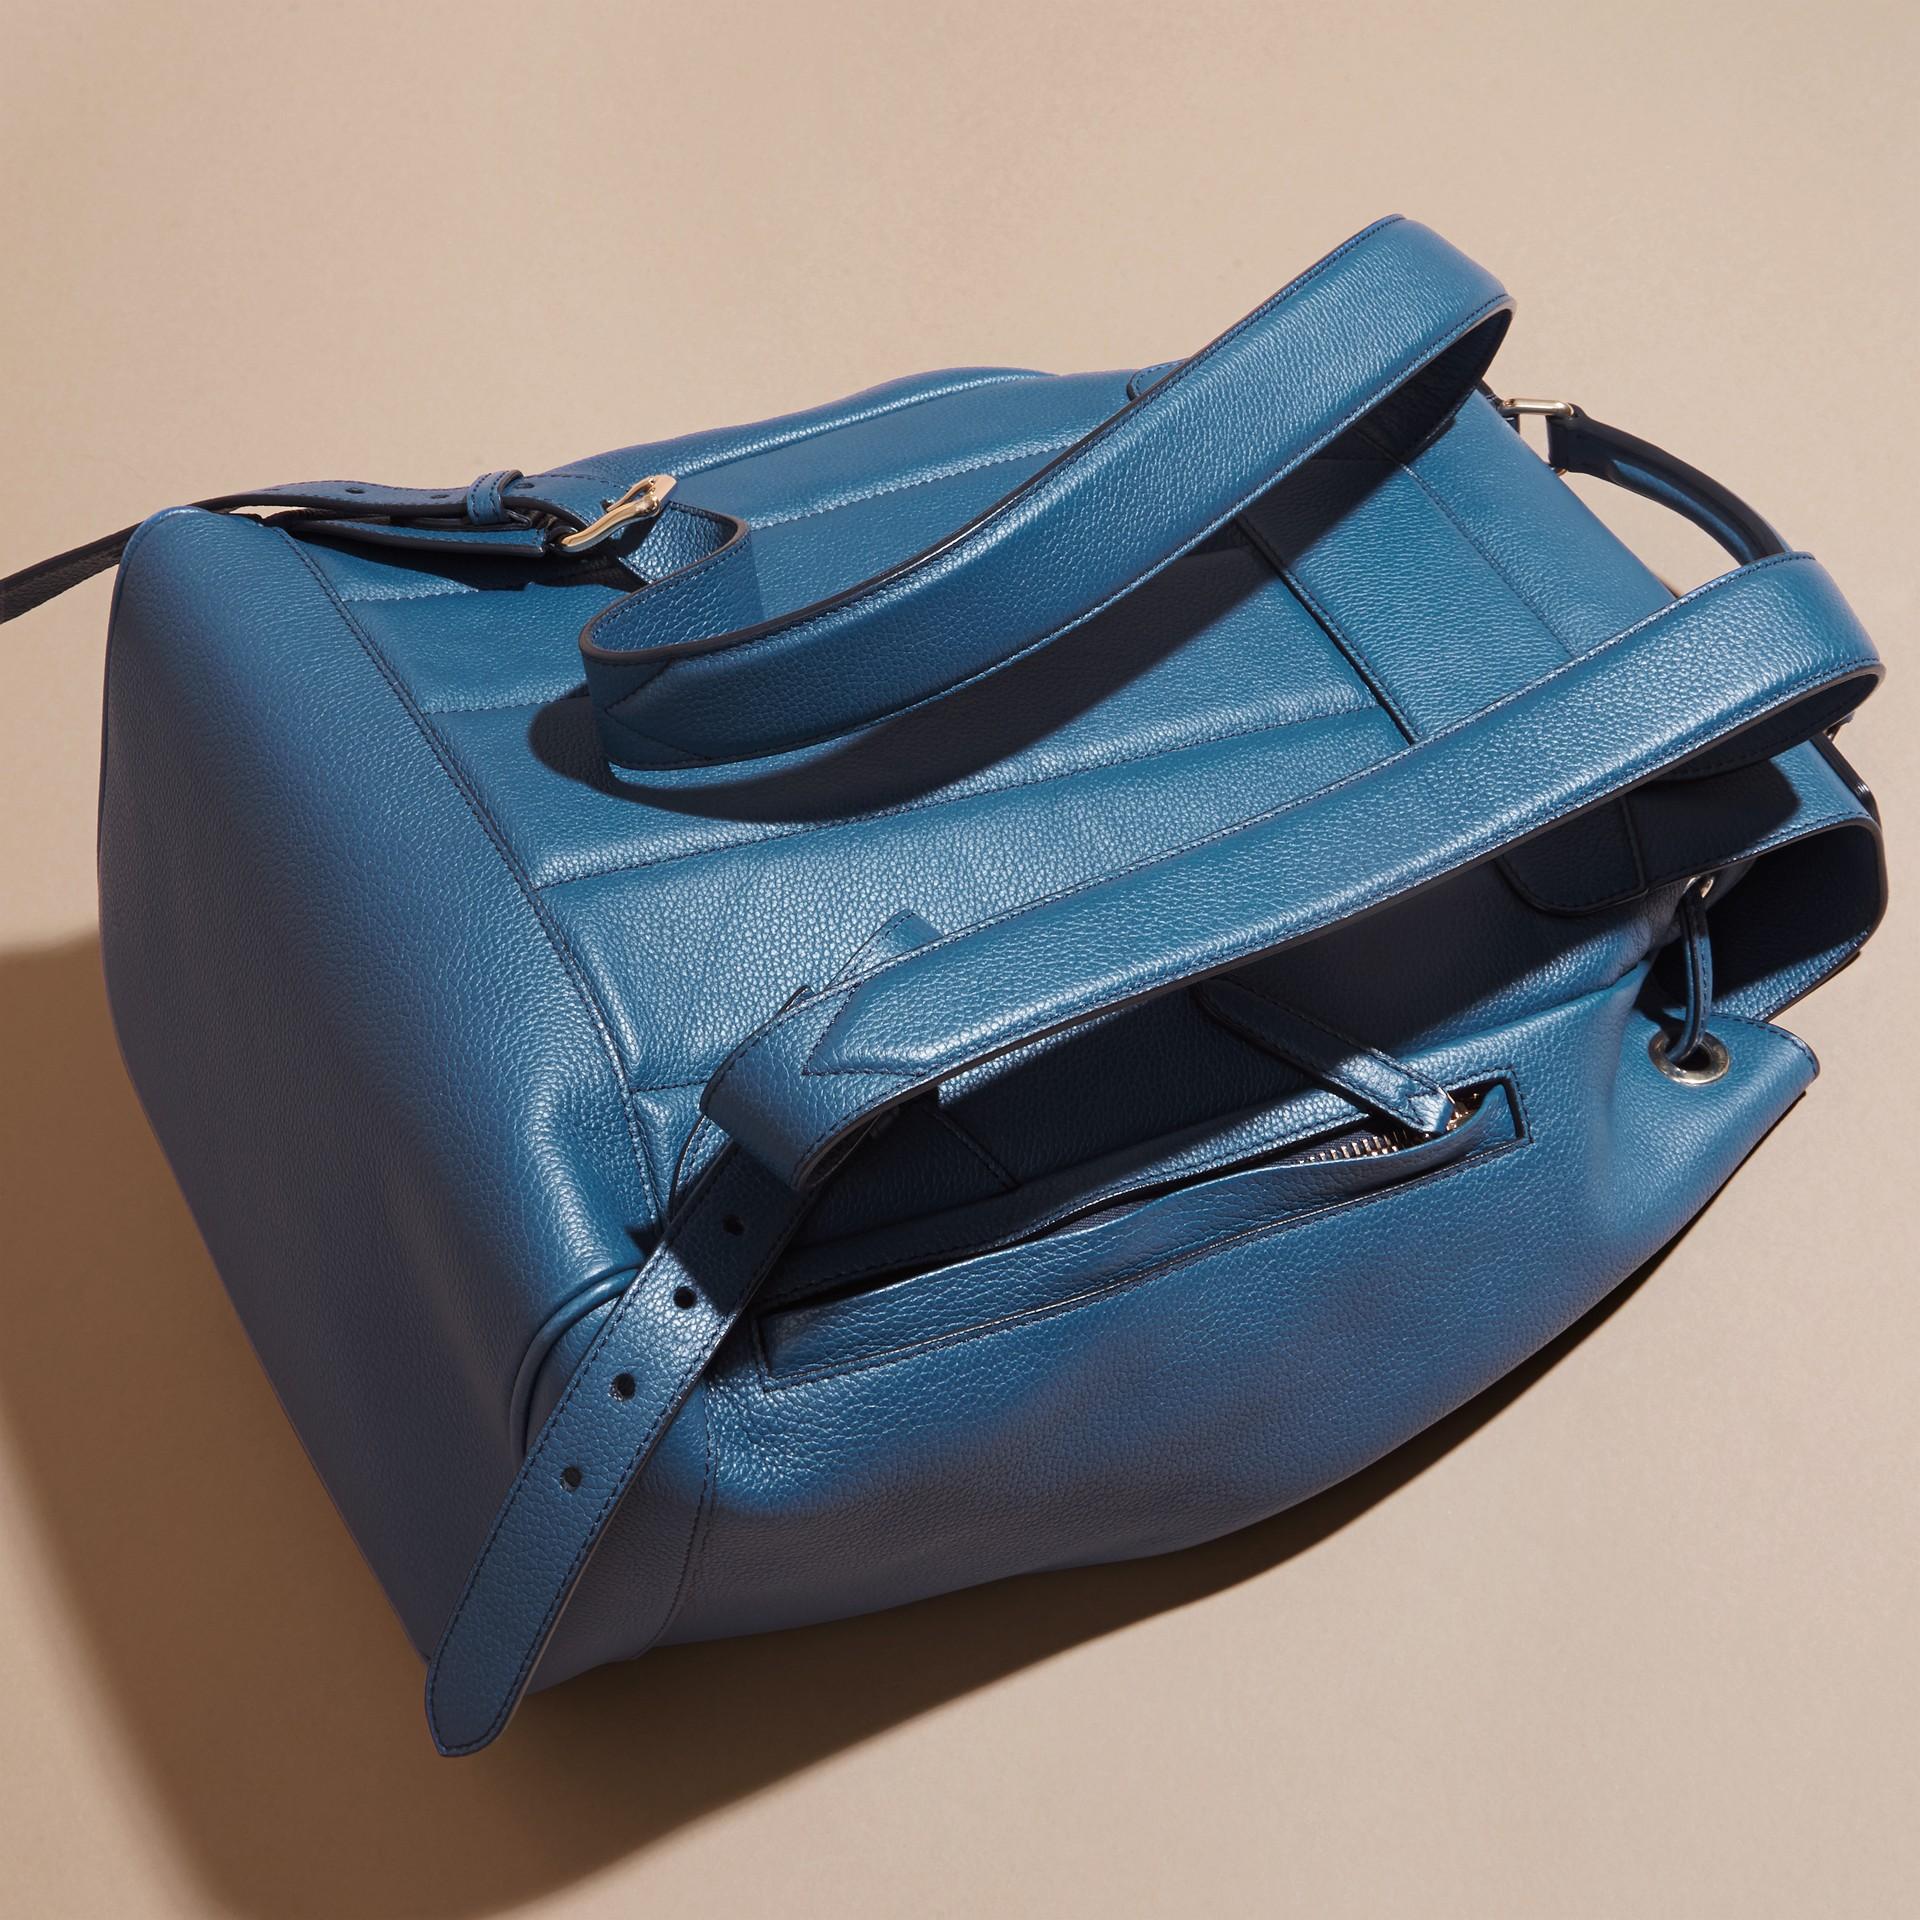 Blu minerale Zaino in pelle a grana Blu Minerale - immagine della galleria 5